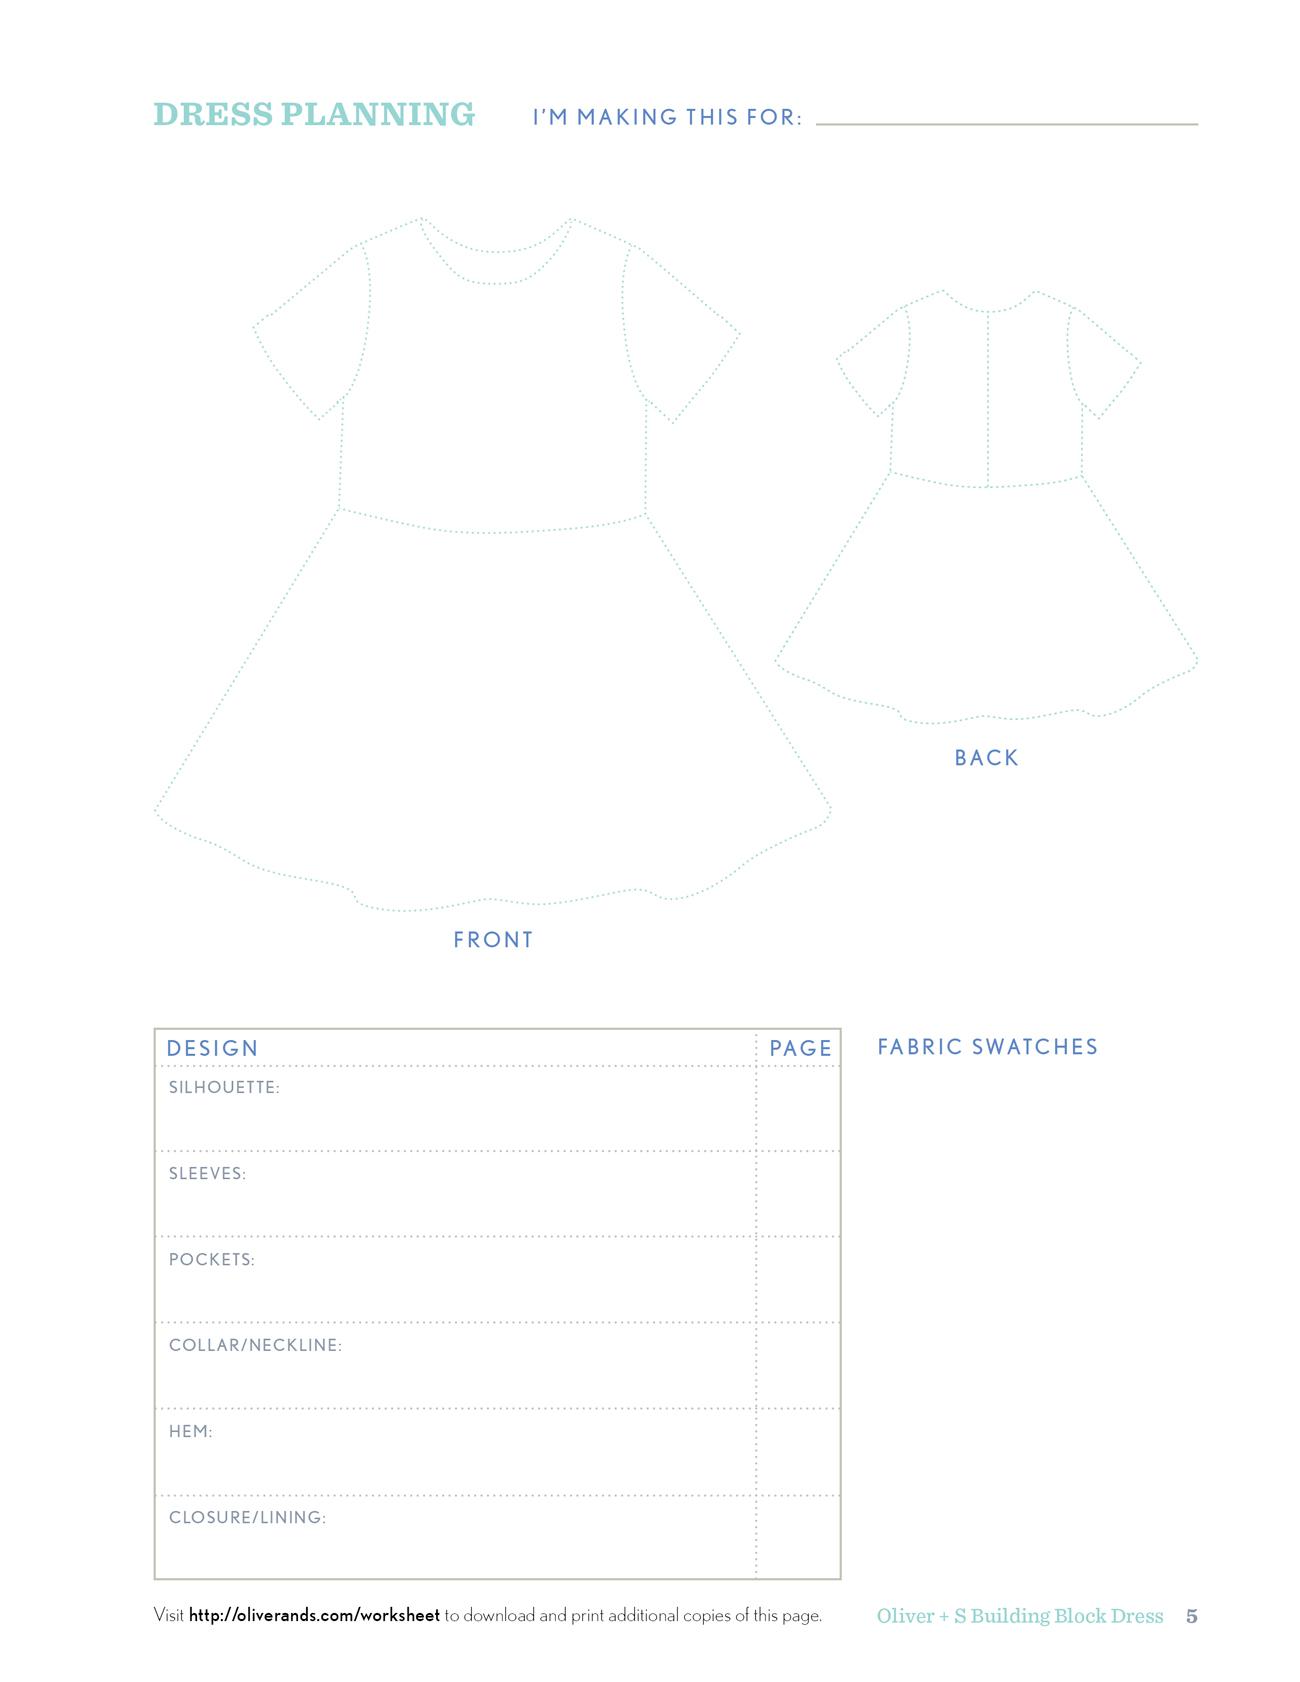 Oliver S Building Block Dress Shop Sewing Machine Diagram Worksheet